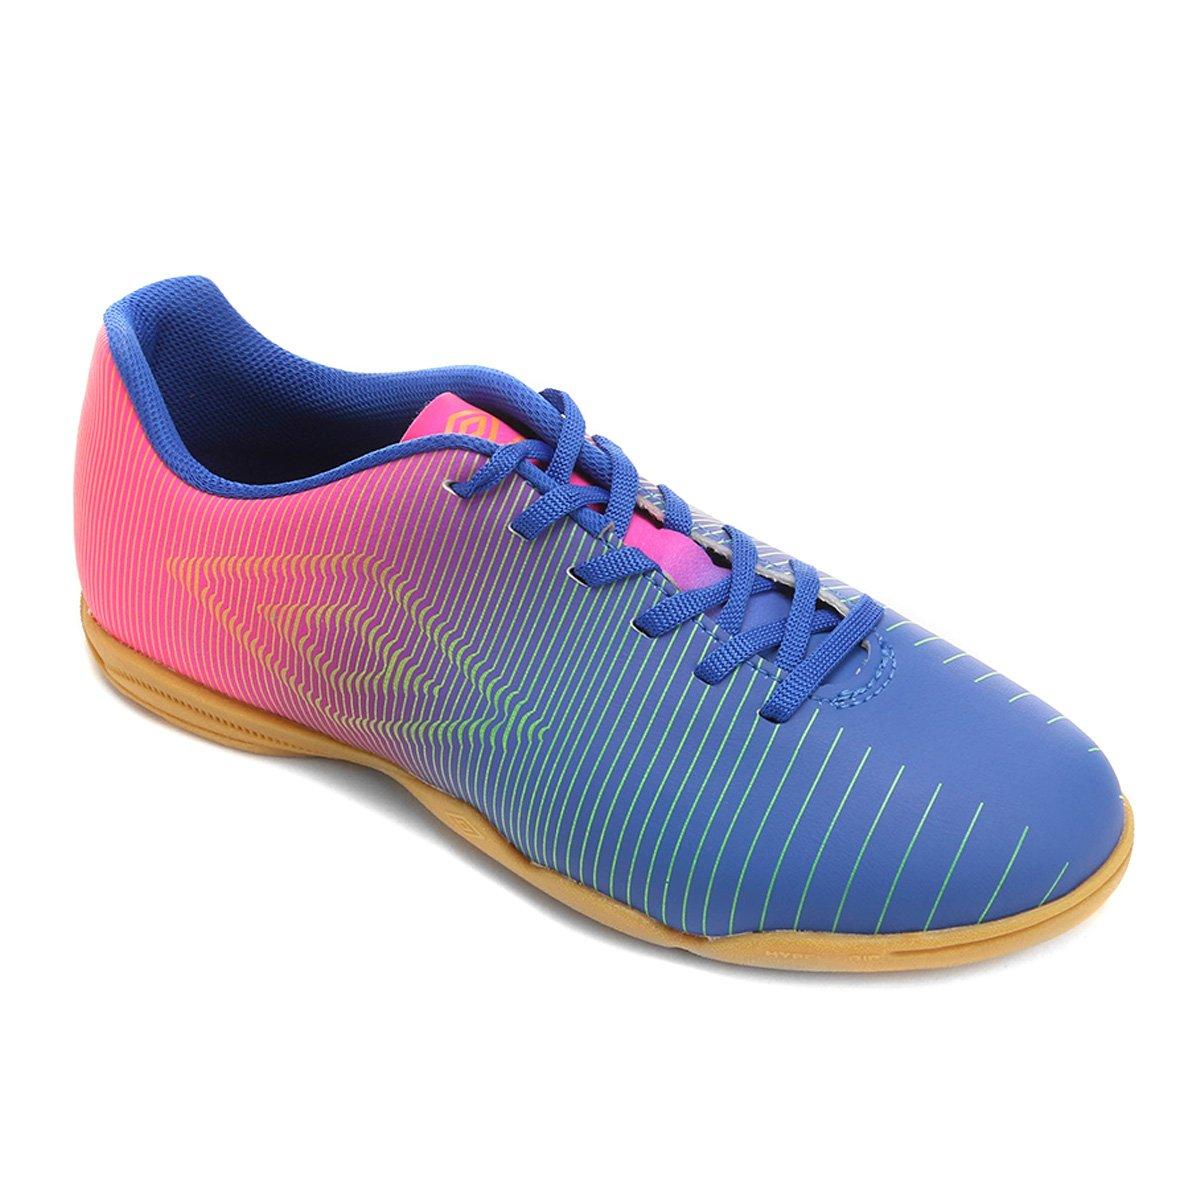 4fa76c4a9d Chuteira Futsal Umbro Vibe Masculina - Compre Agora